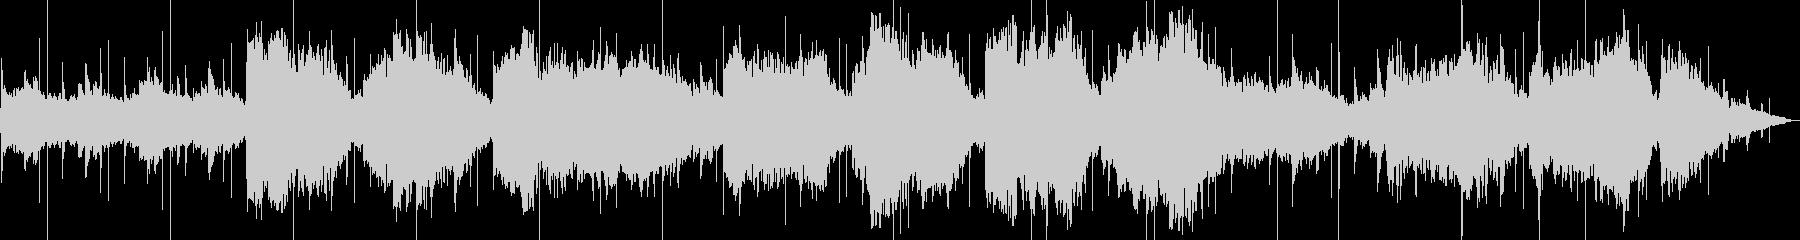 大きなフルートフックのメロディーを...の未再生の波形